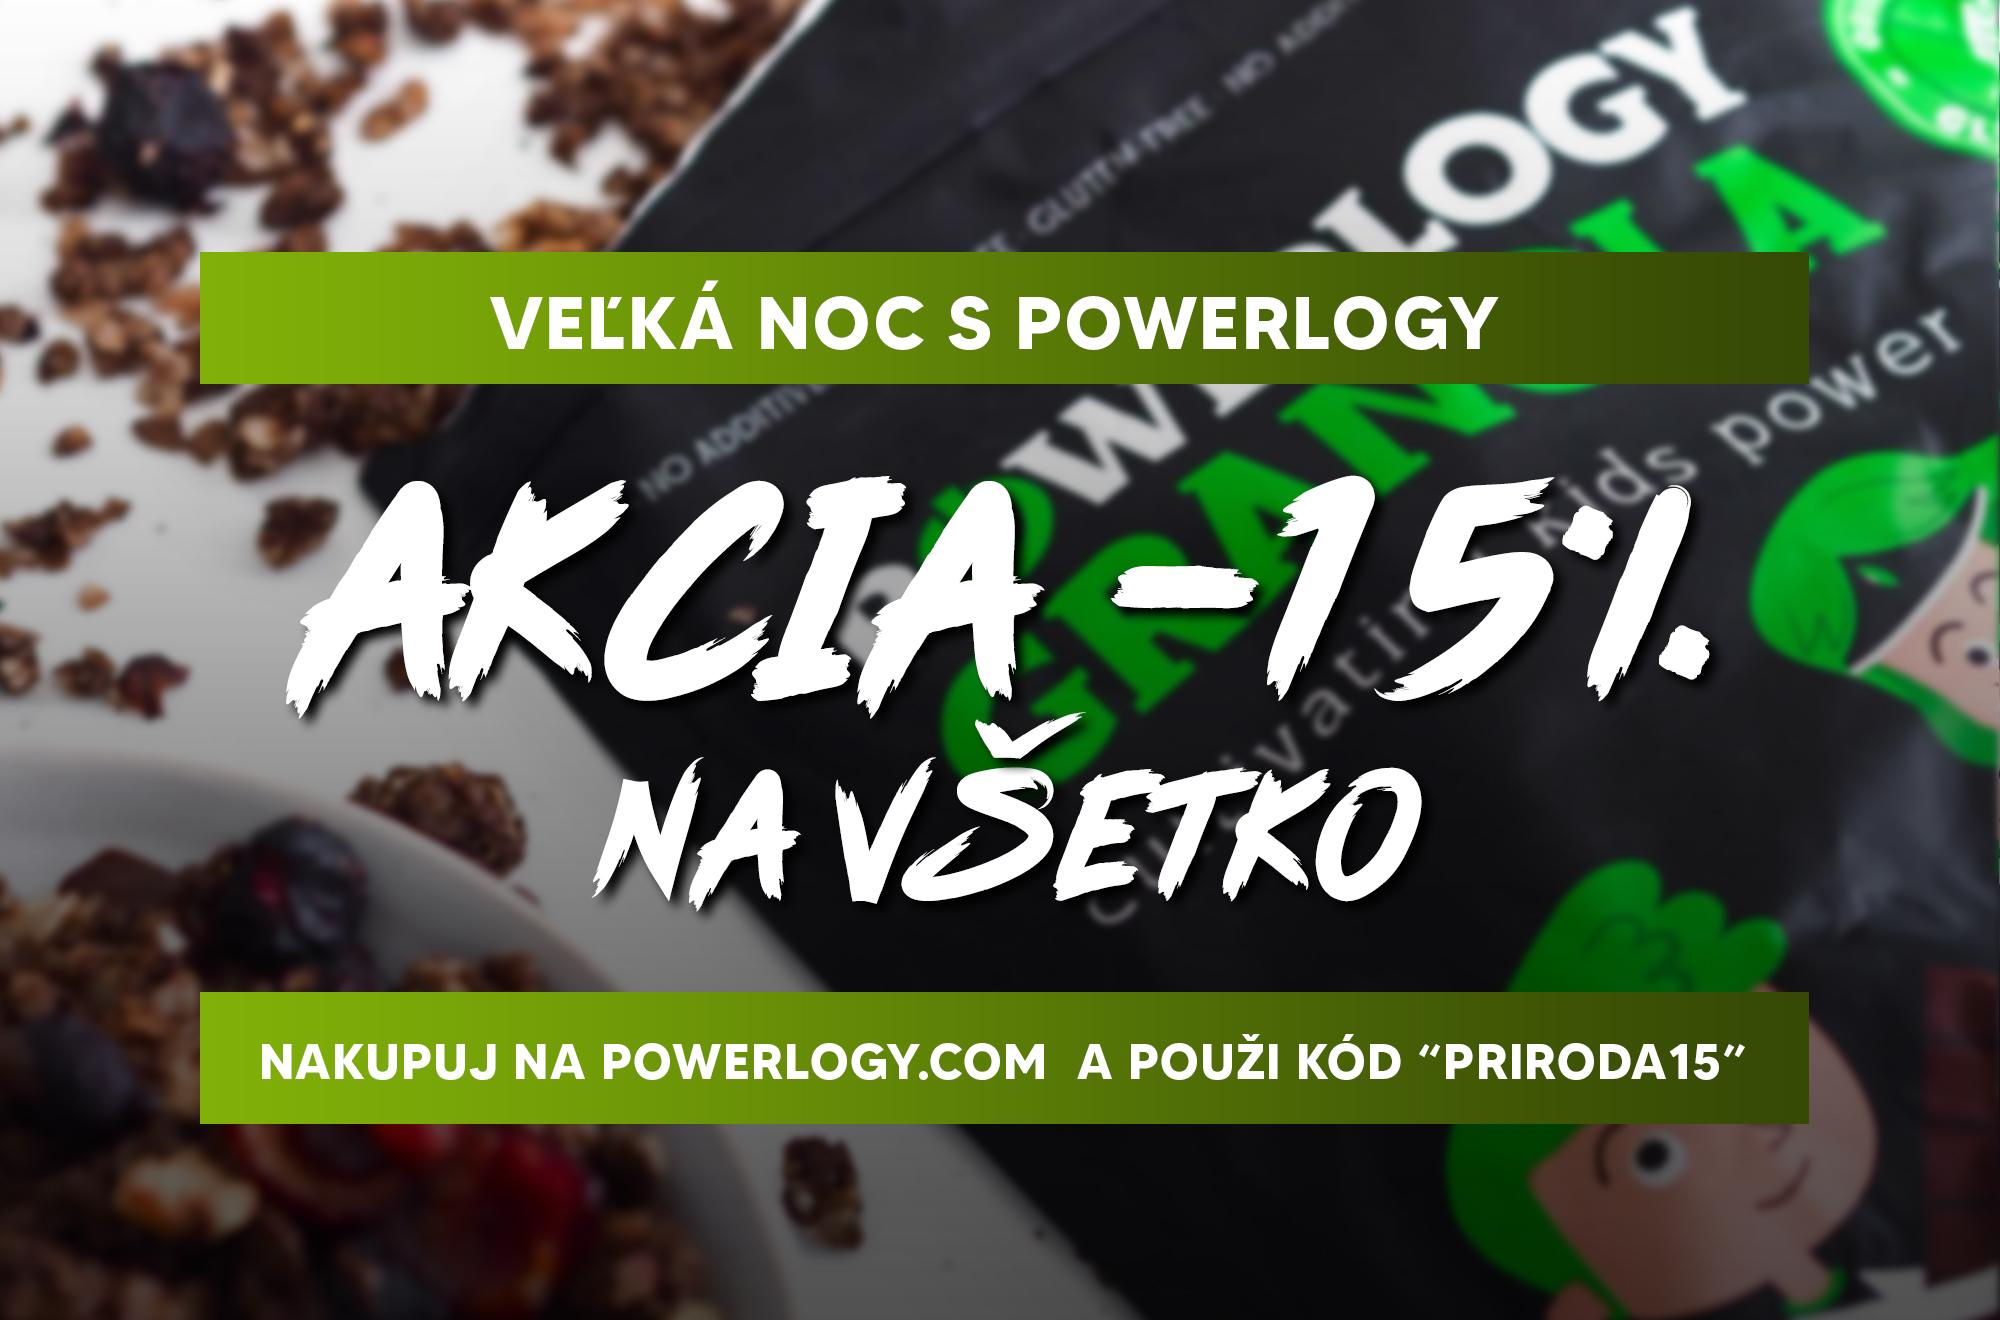 """VEĽKÁ NOC S POWERLOGY: AKCIA -15% NA VŠETKO. NAKUPUJ NA POWERLOGY.COM A POUŽI KÓD """"PRIRODA15"""""""